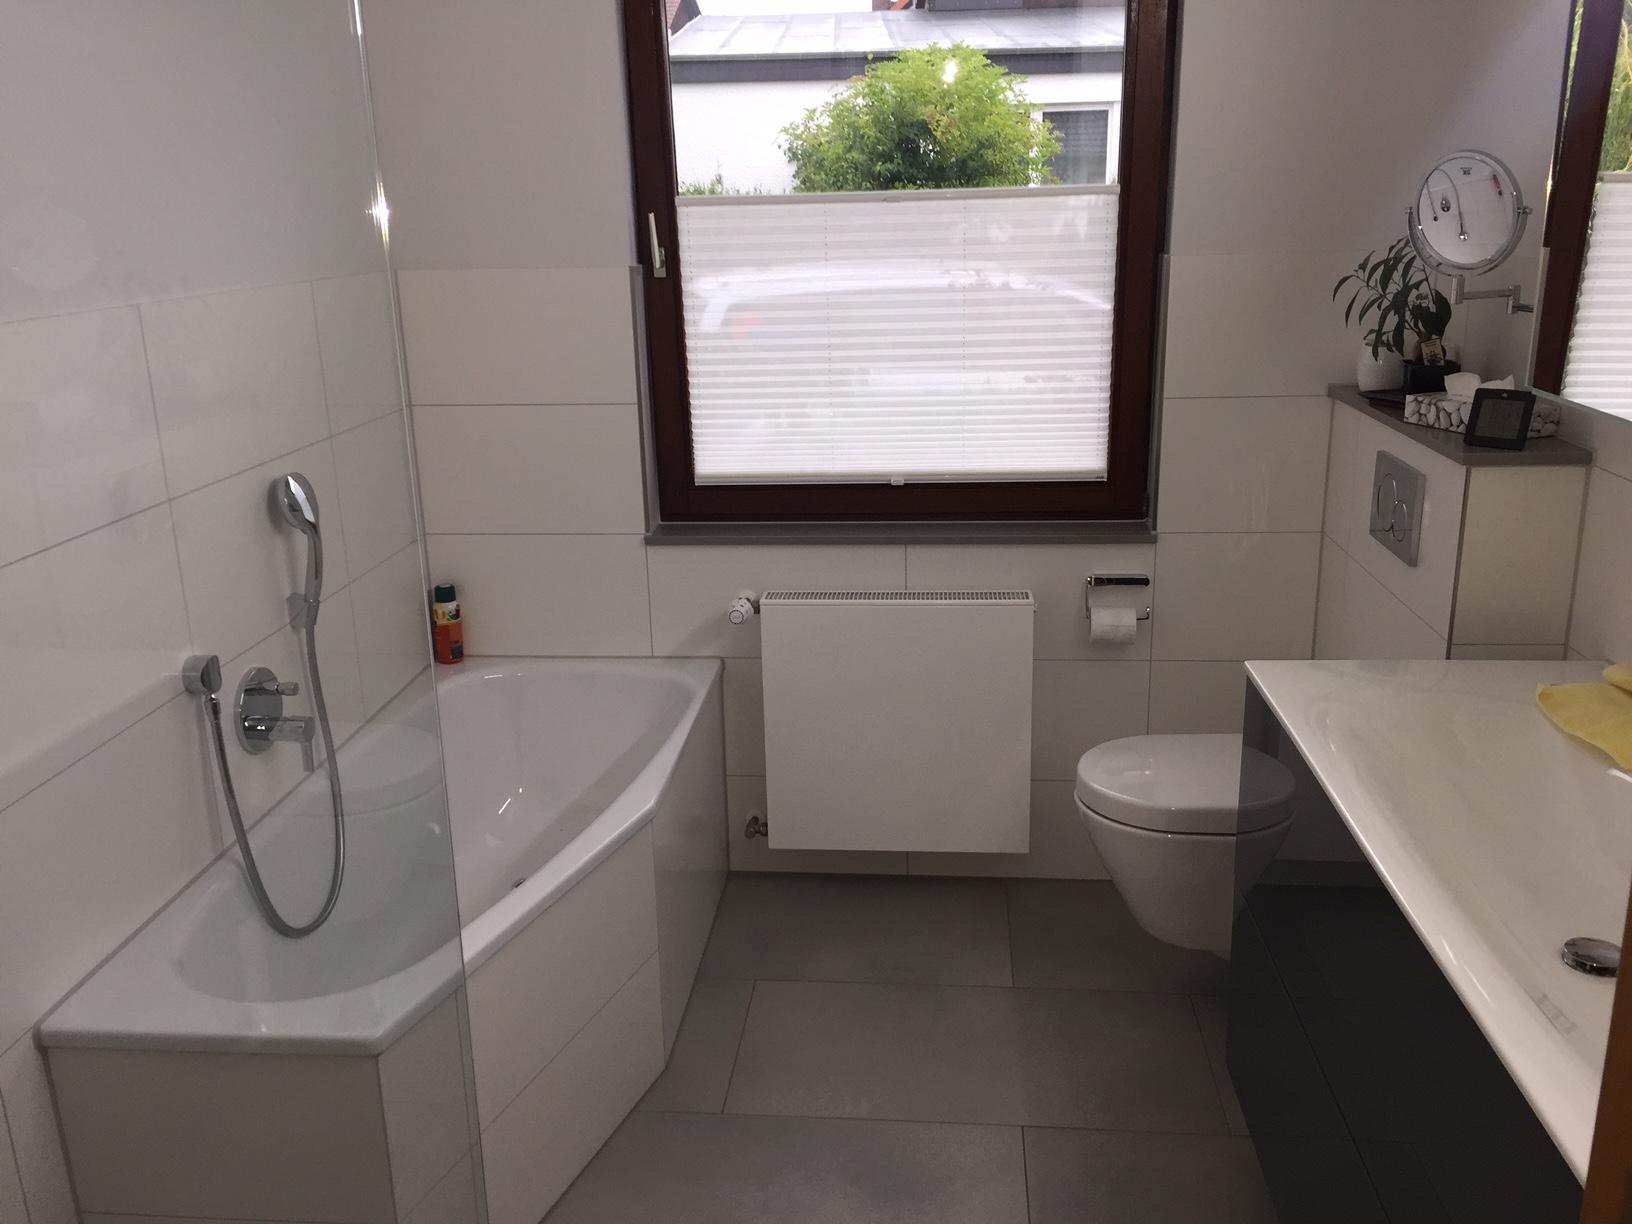 barrierefreie geflieste dusche & badewanne in gambach - müller gmbh